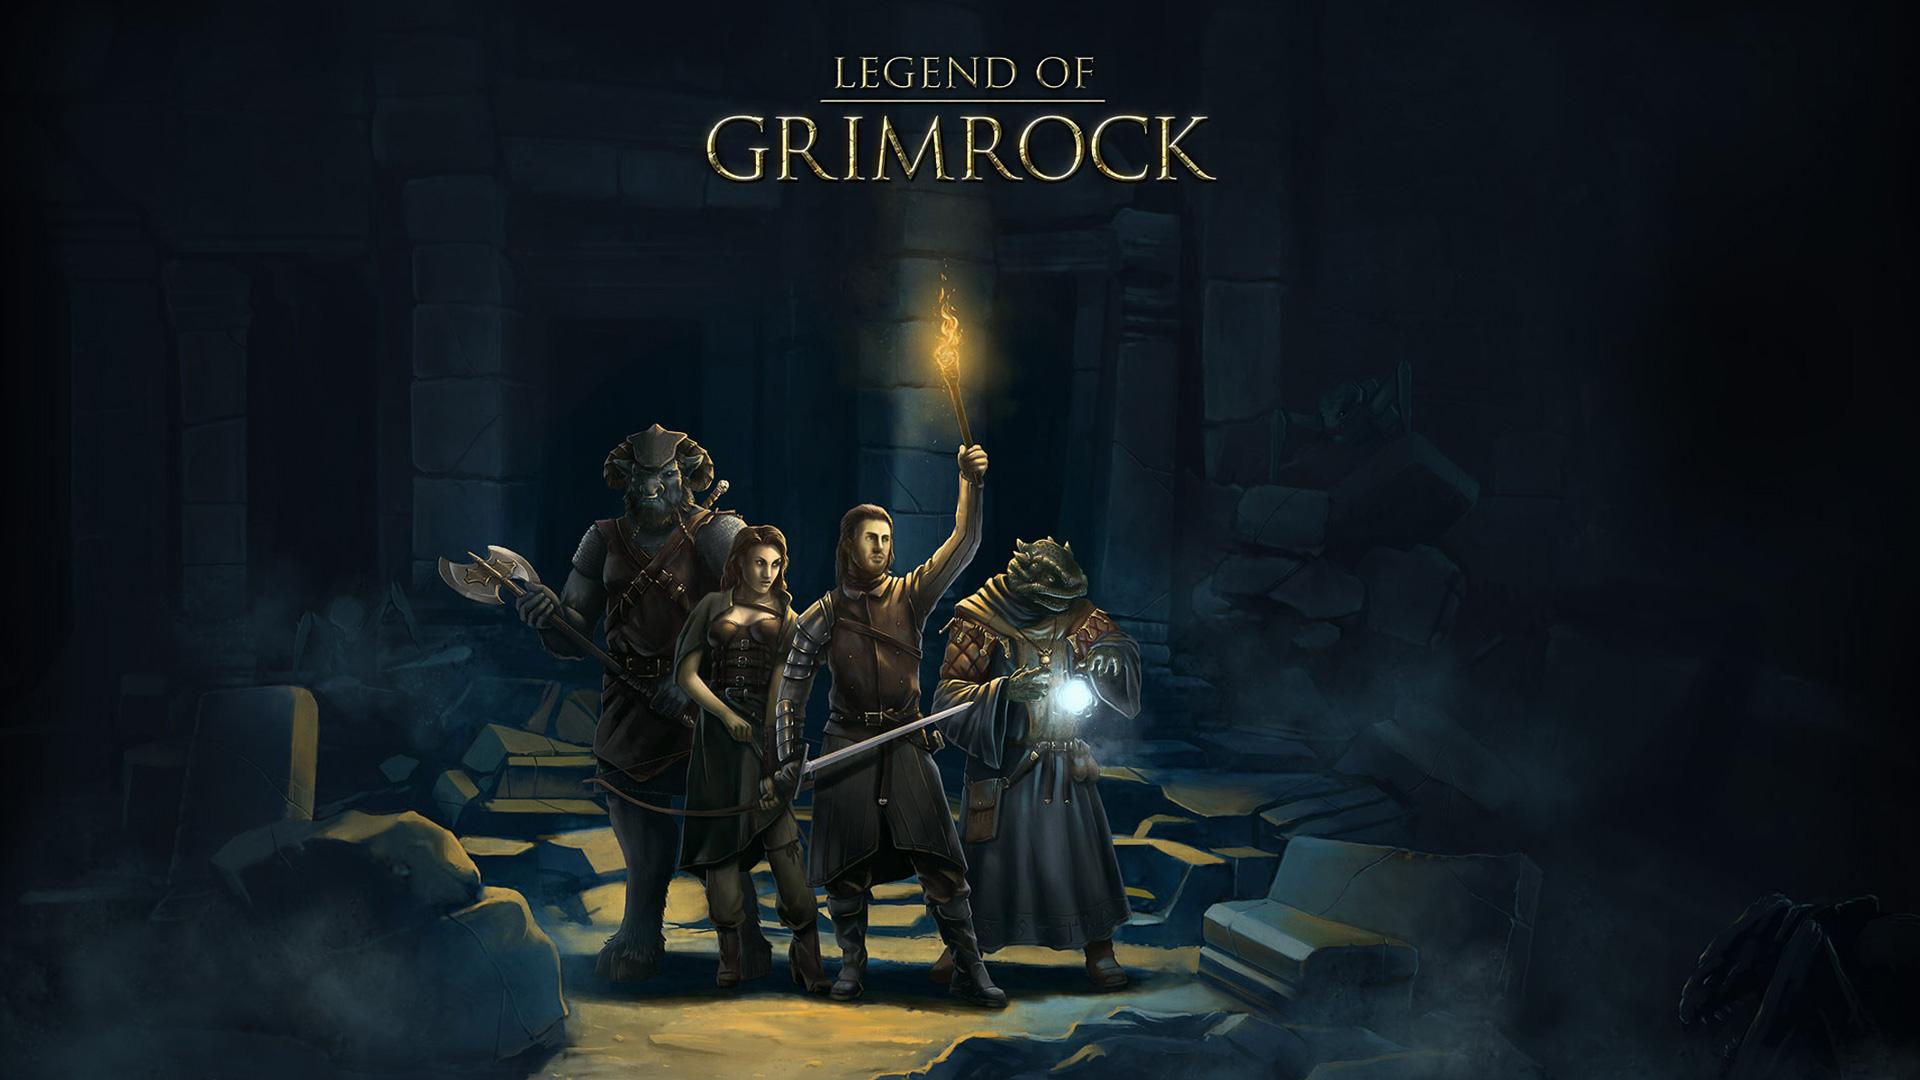 Free Legend of Grimrock Wallpaper in 1920x1080